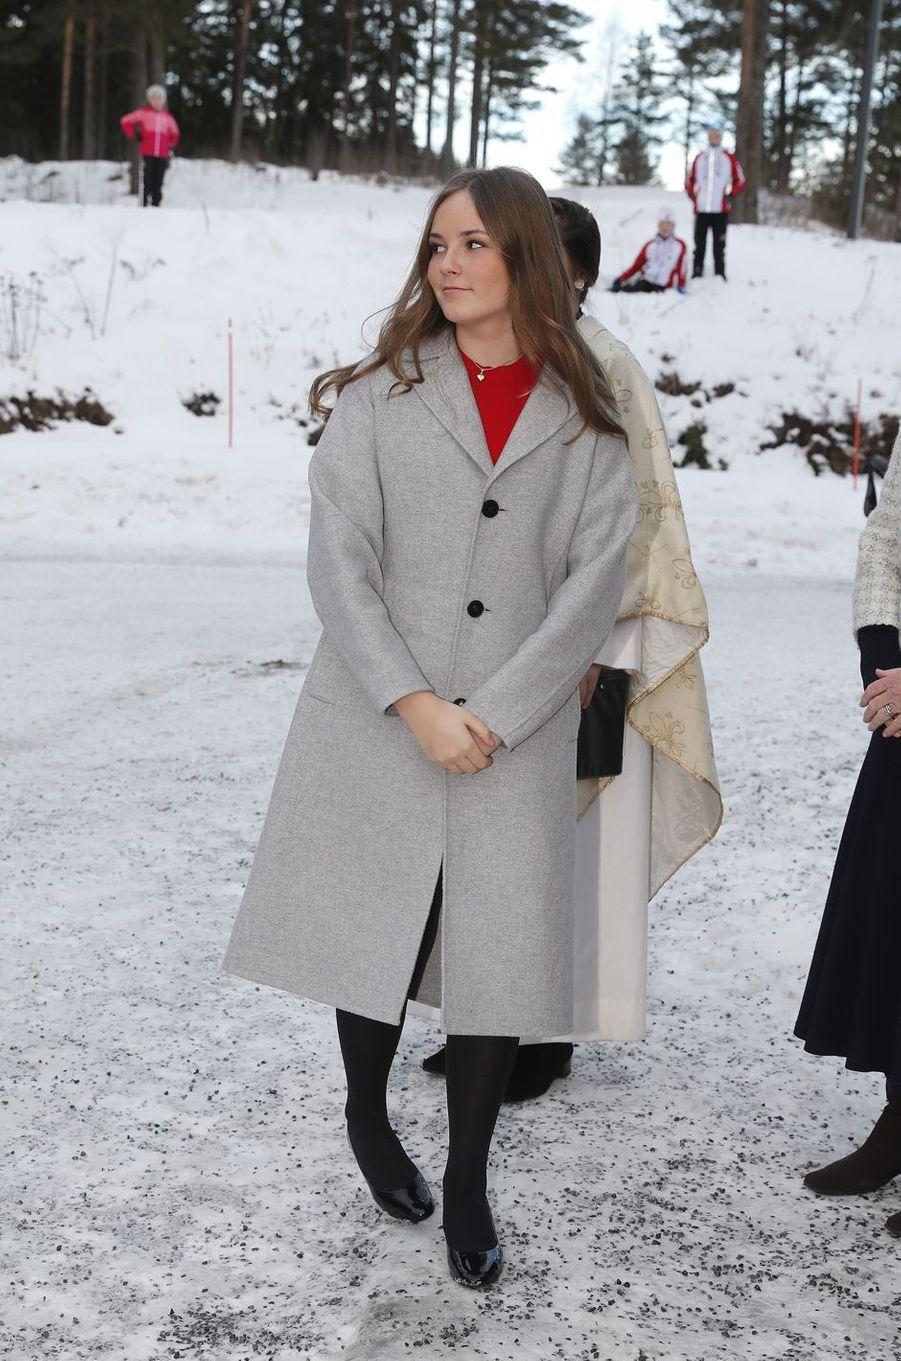 La princesse Ingrid Alexandra de Norvège à Oslo, le 25 décembre 2018